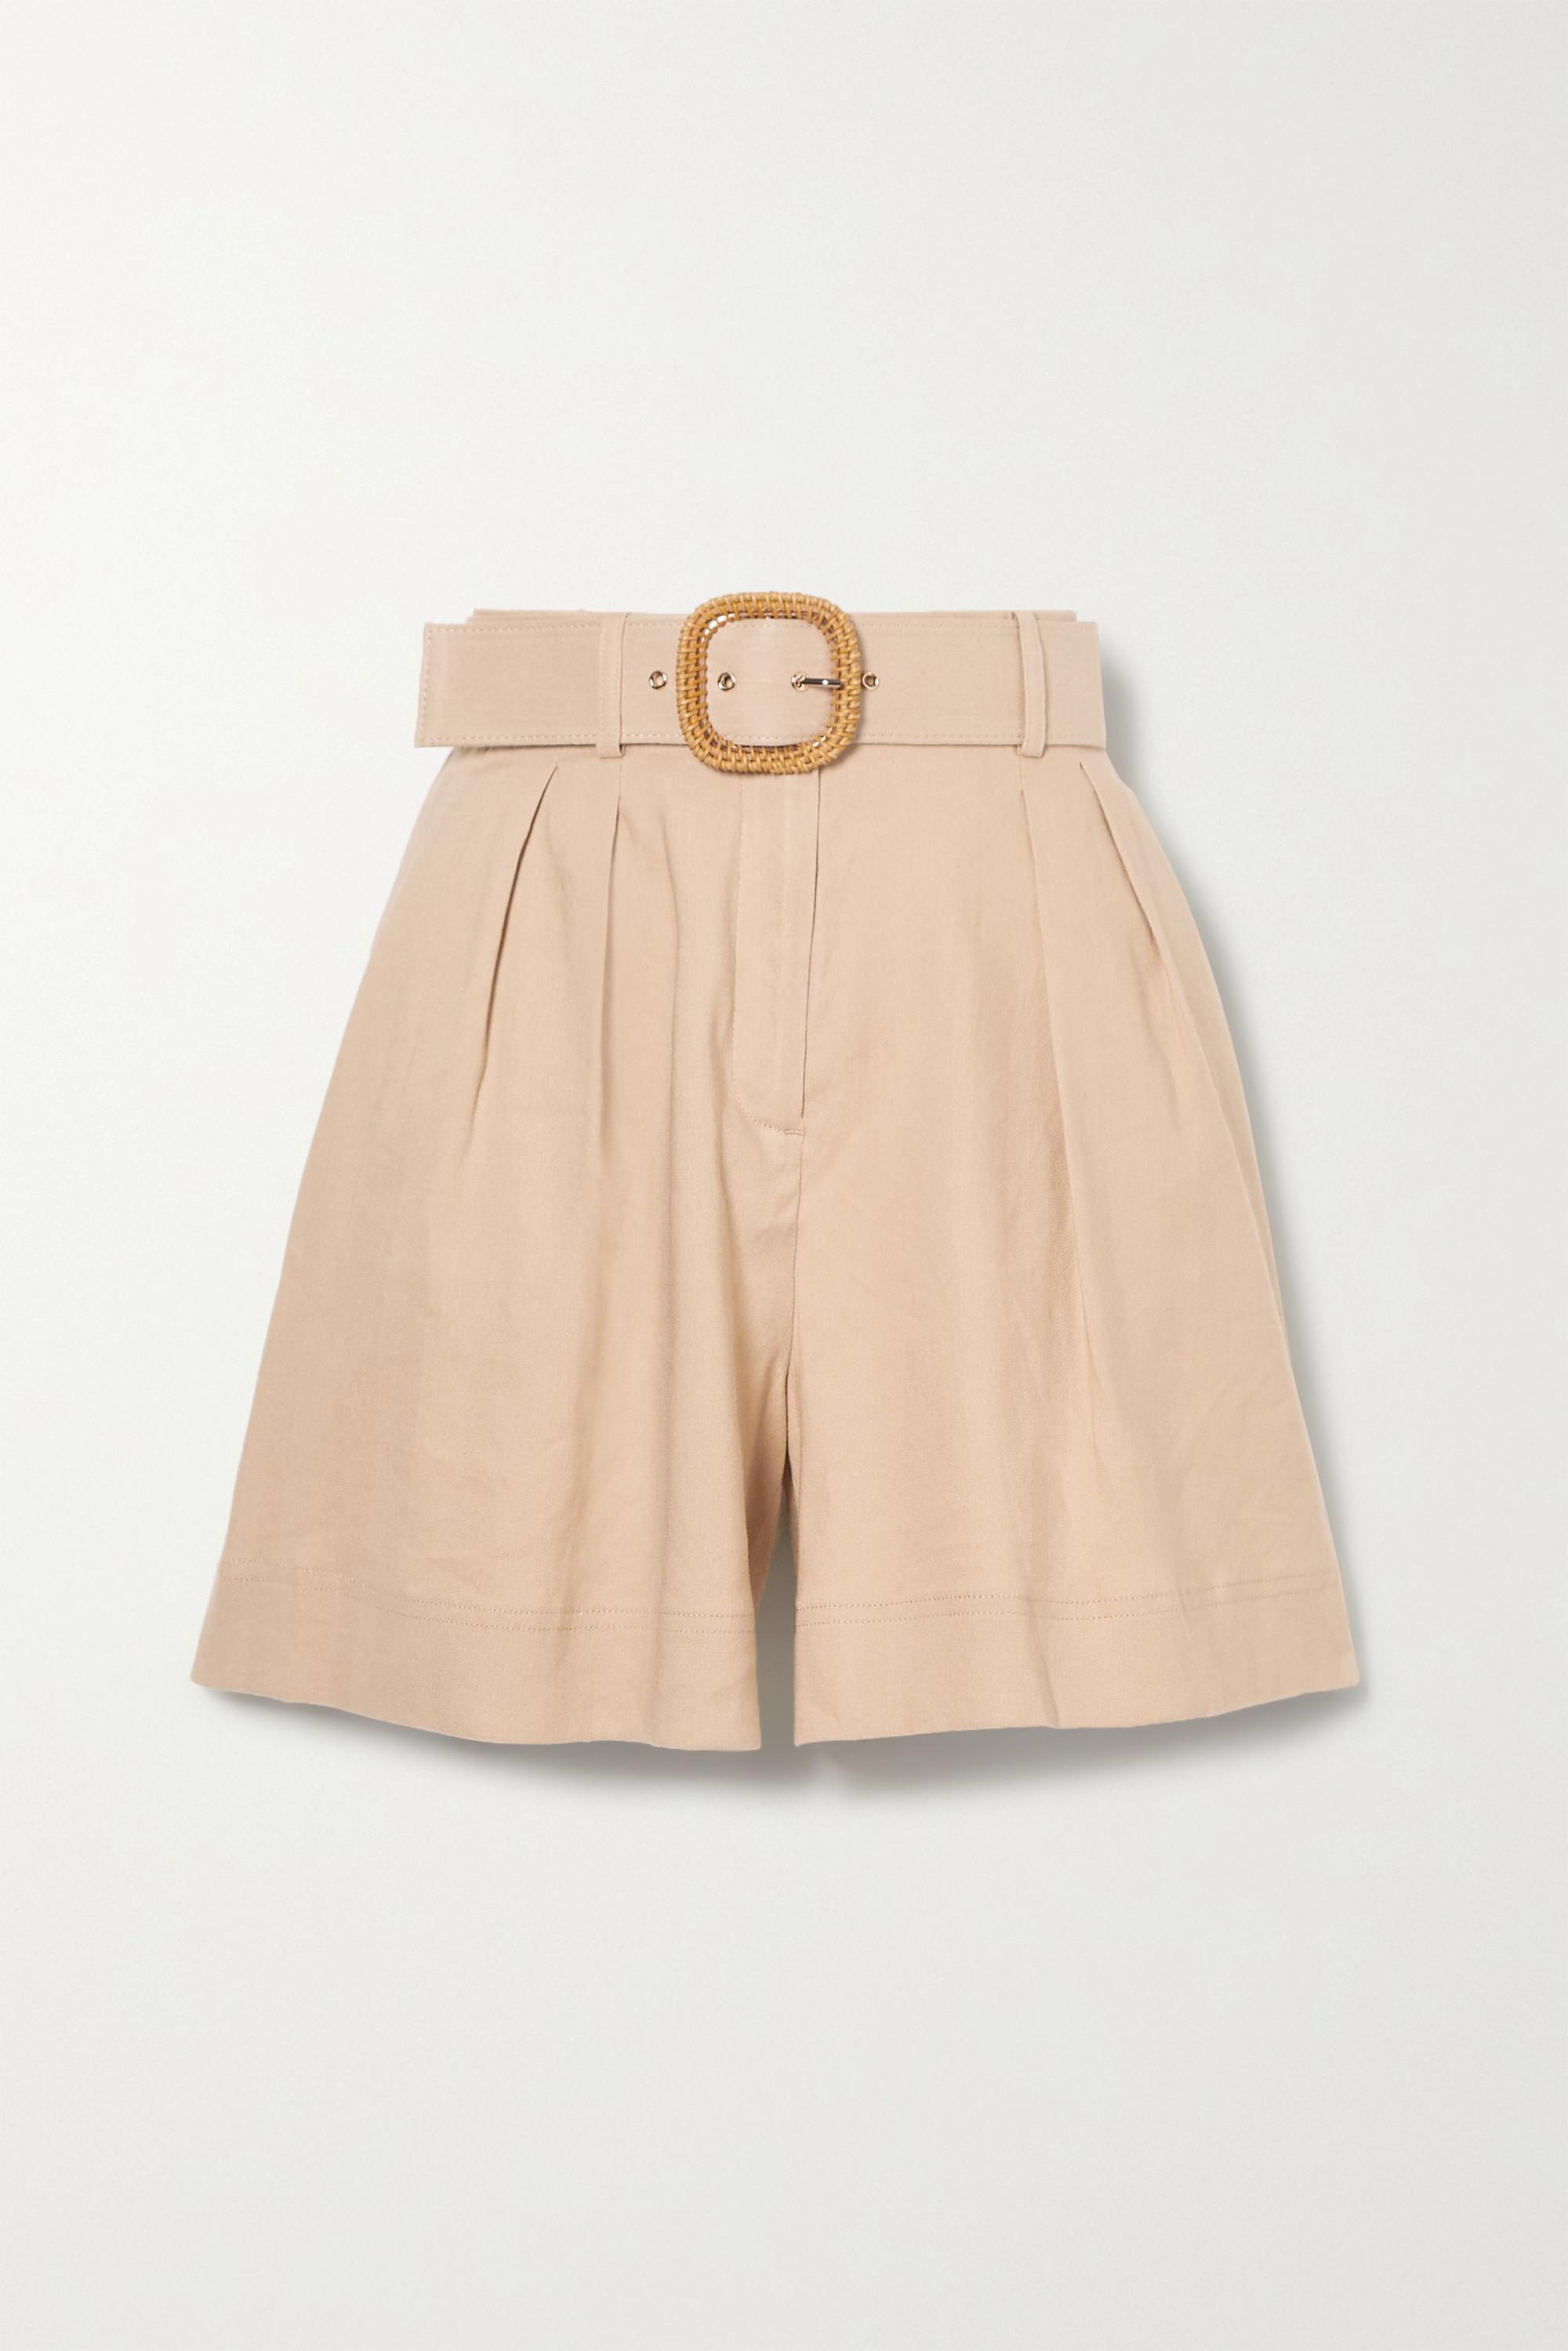 Rebecca Vallance Mojito Shorts aus einer Leinenmischung mit Gürtel